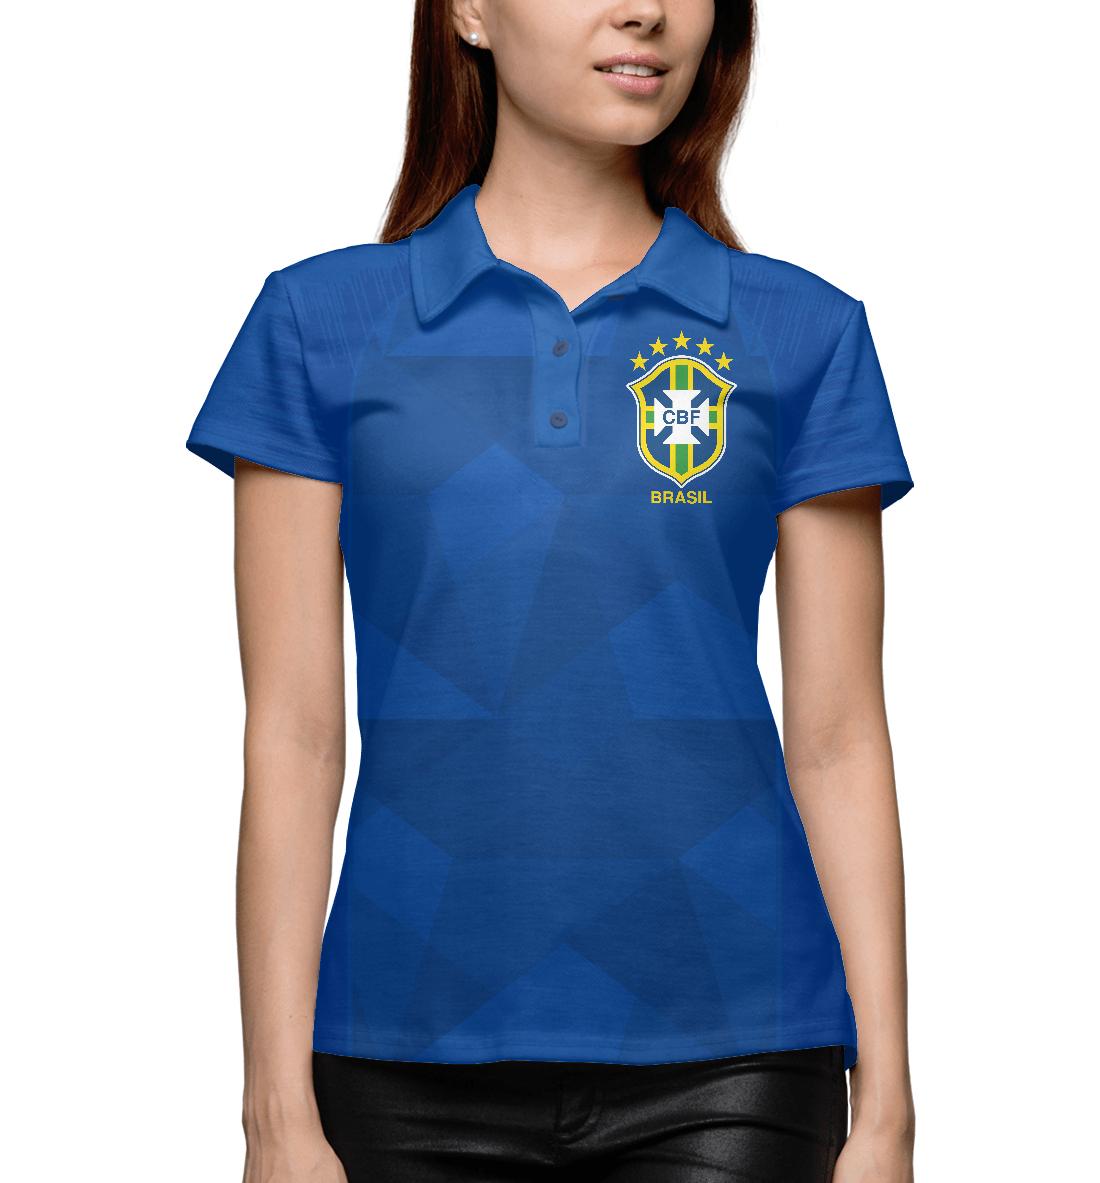 Купить Бразилия, Printbar, Поло, FNS-959264-pol-1